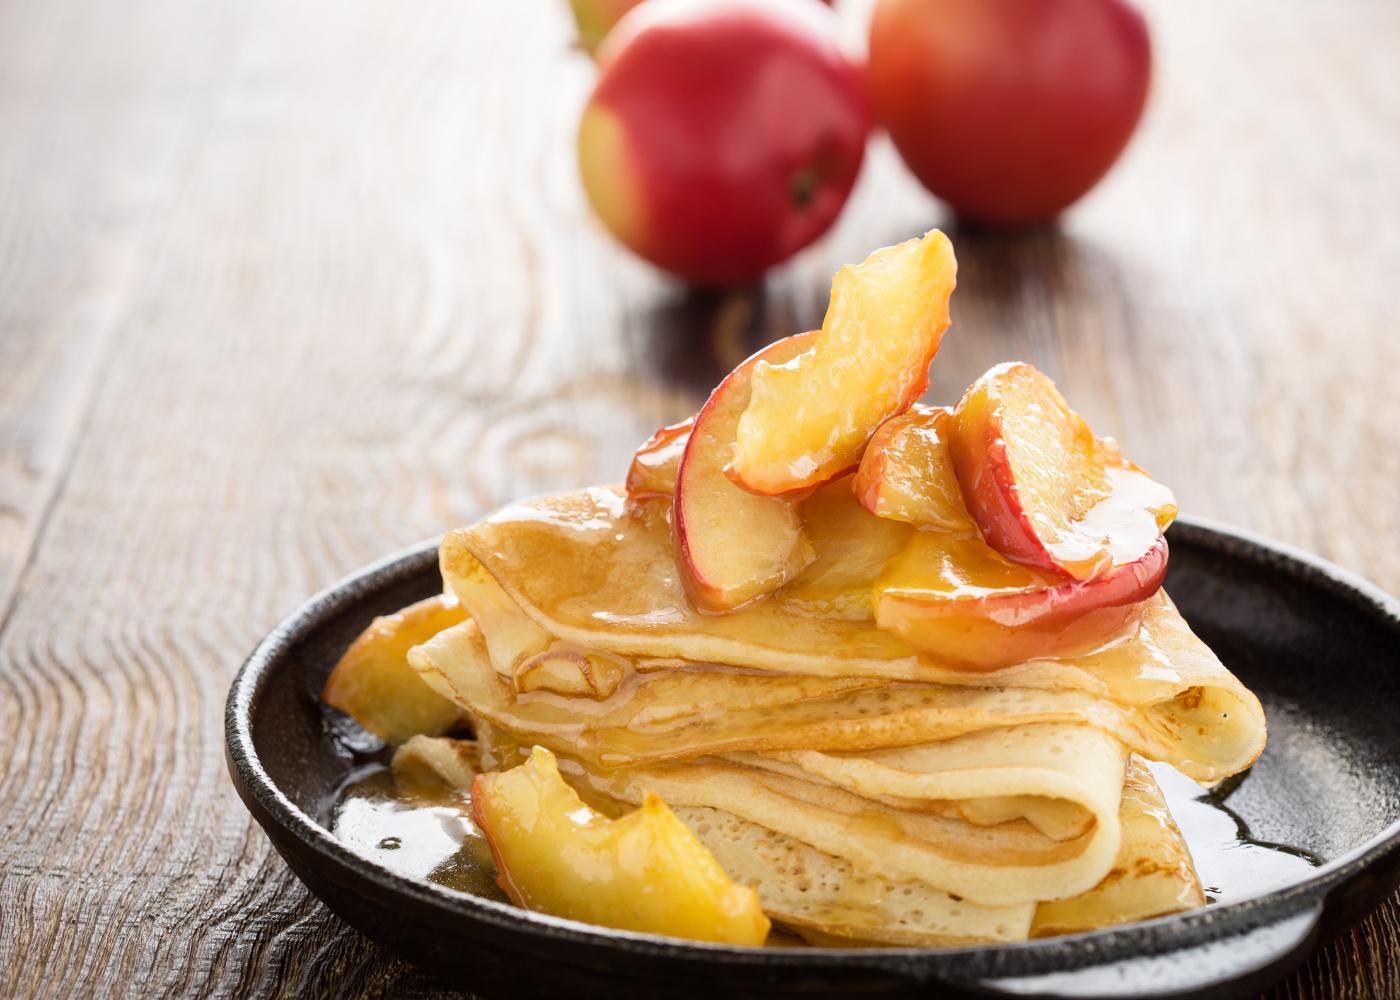 crepes com topping de maçã